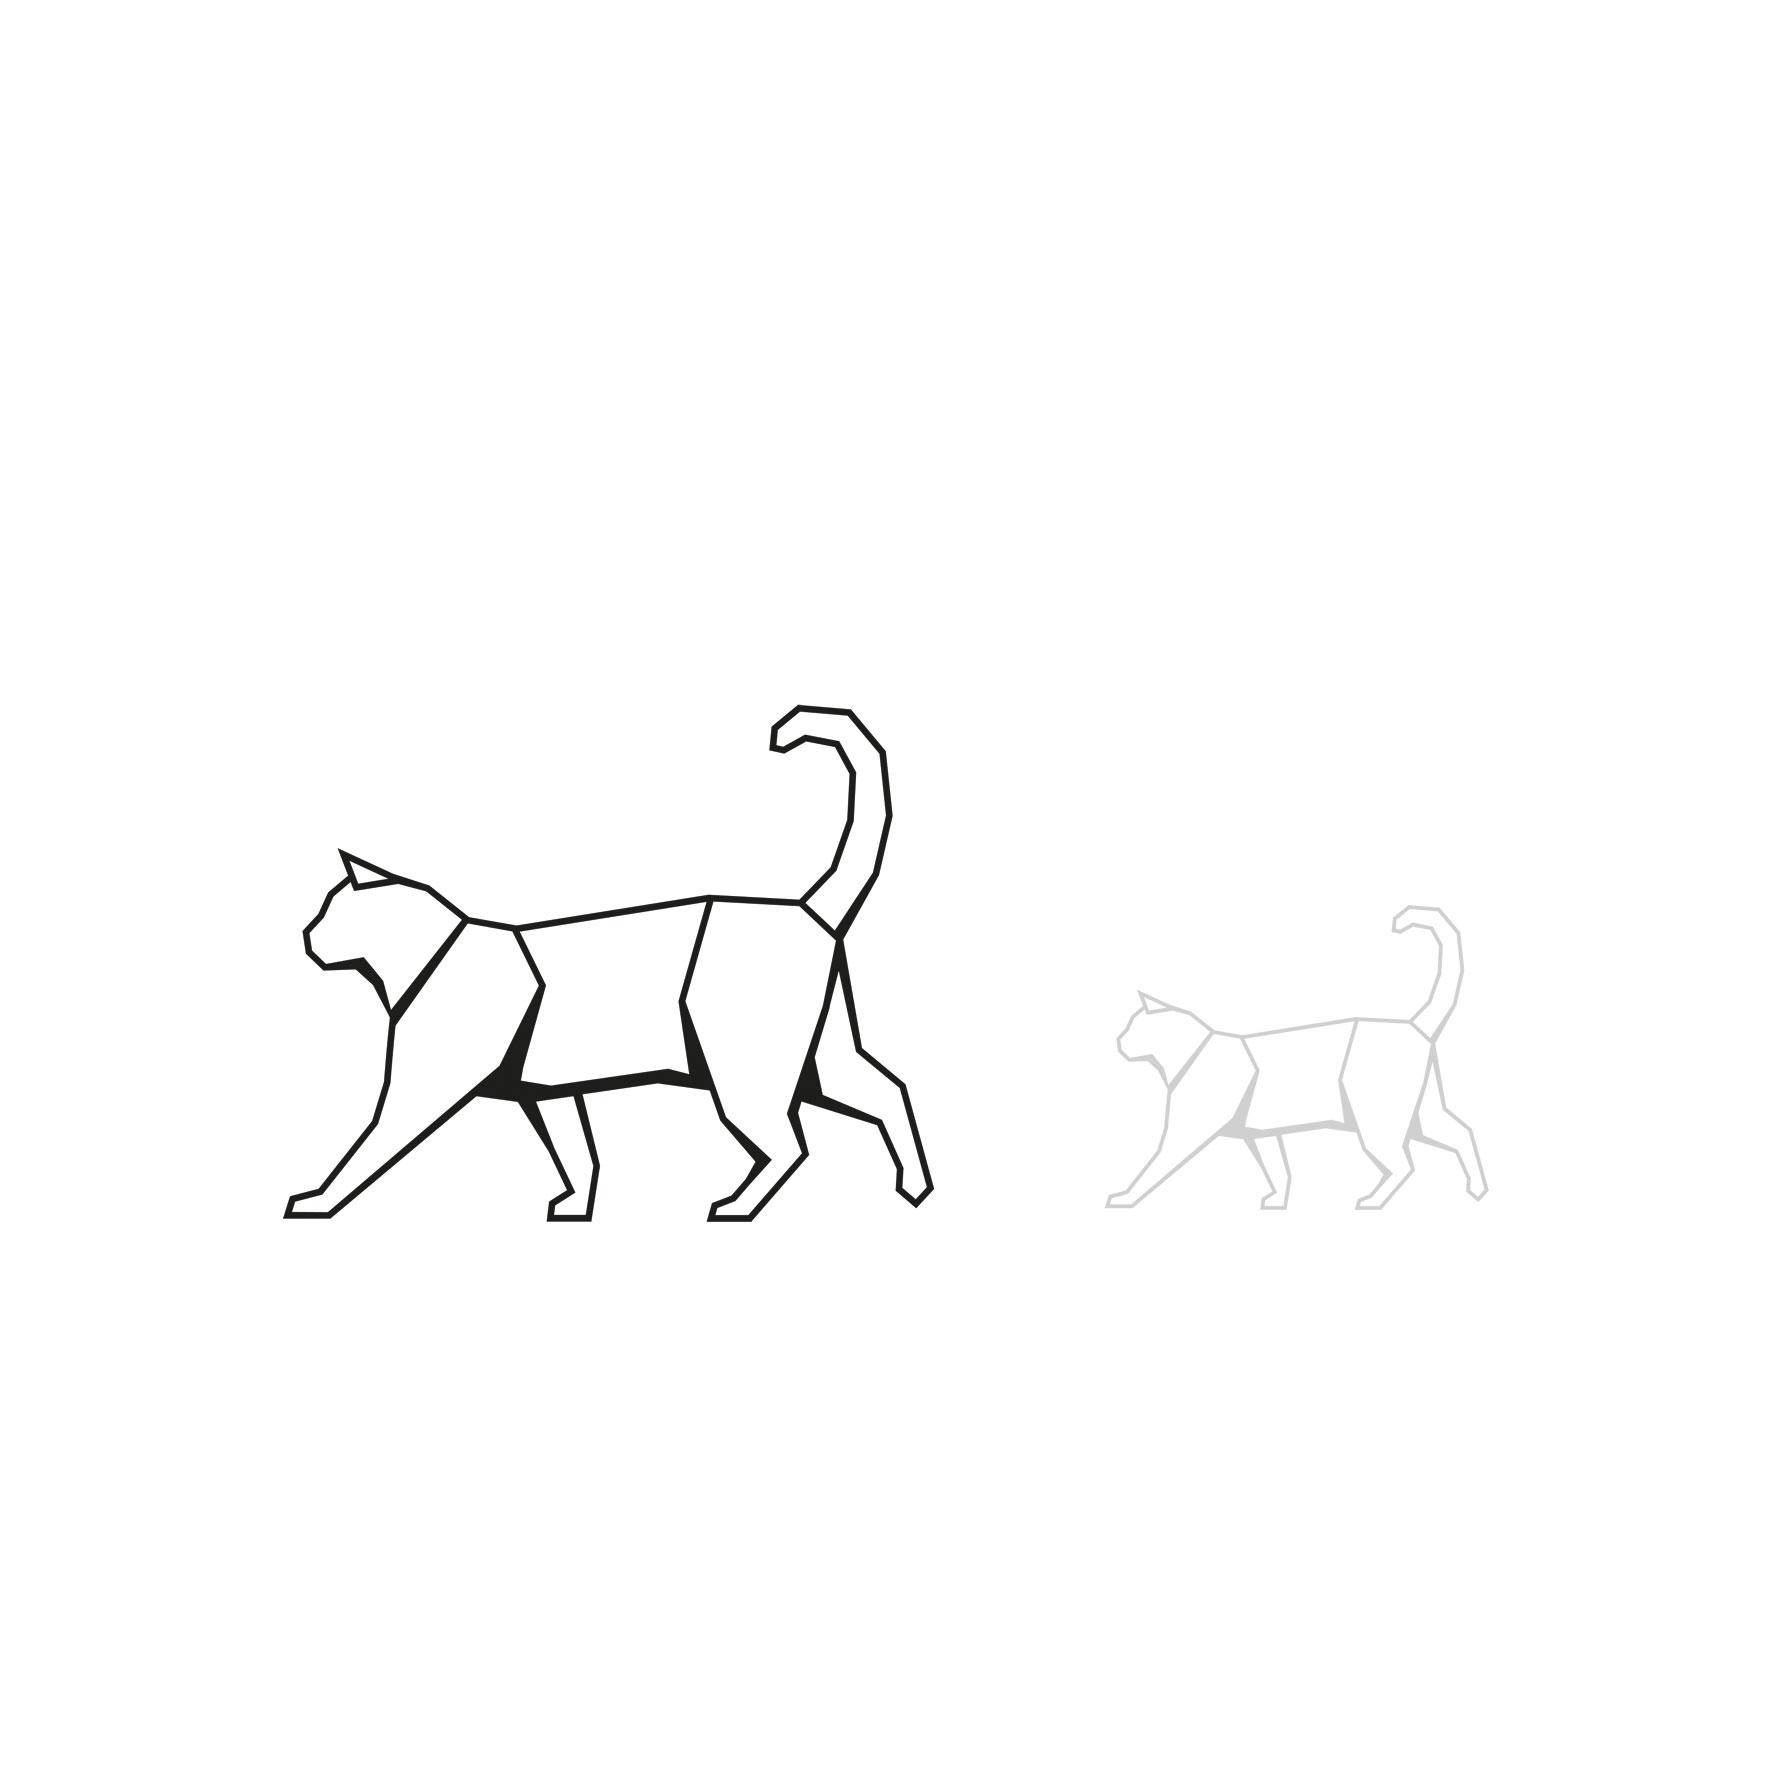 Illustration für die CBD Öl Serie Pets